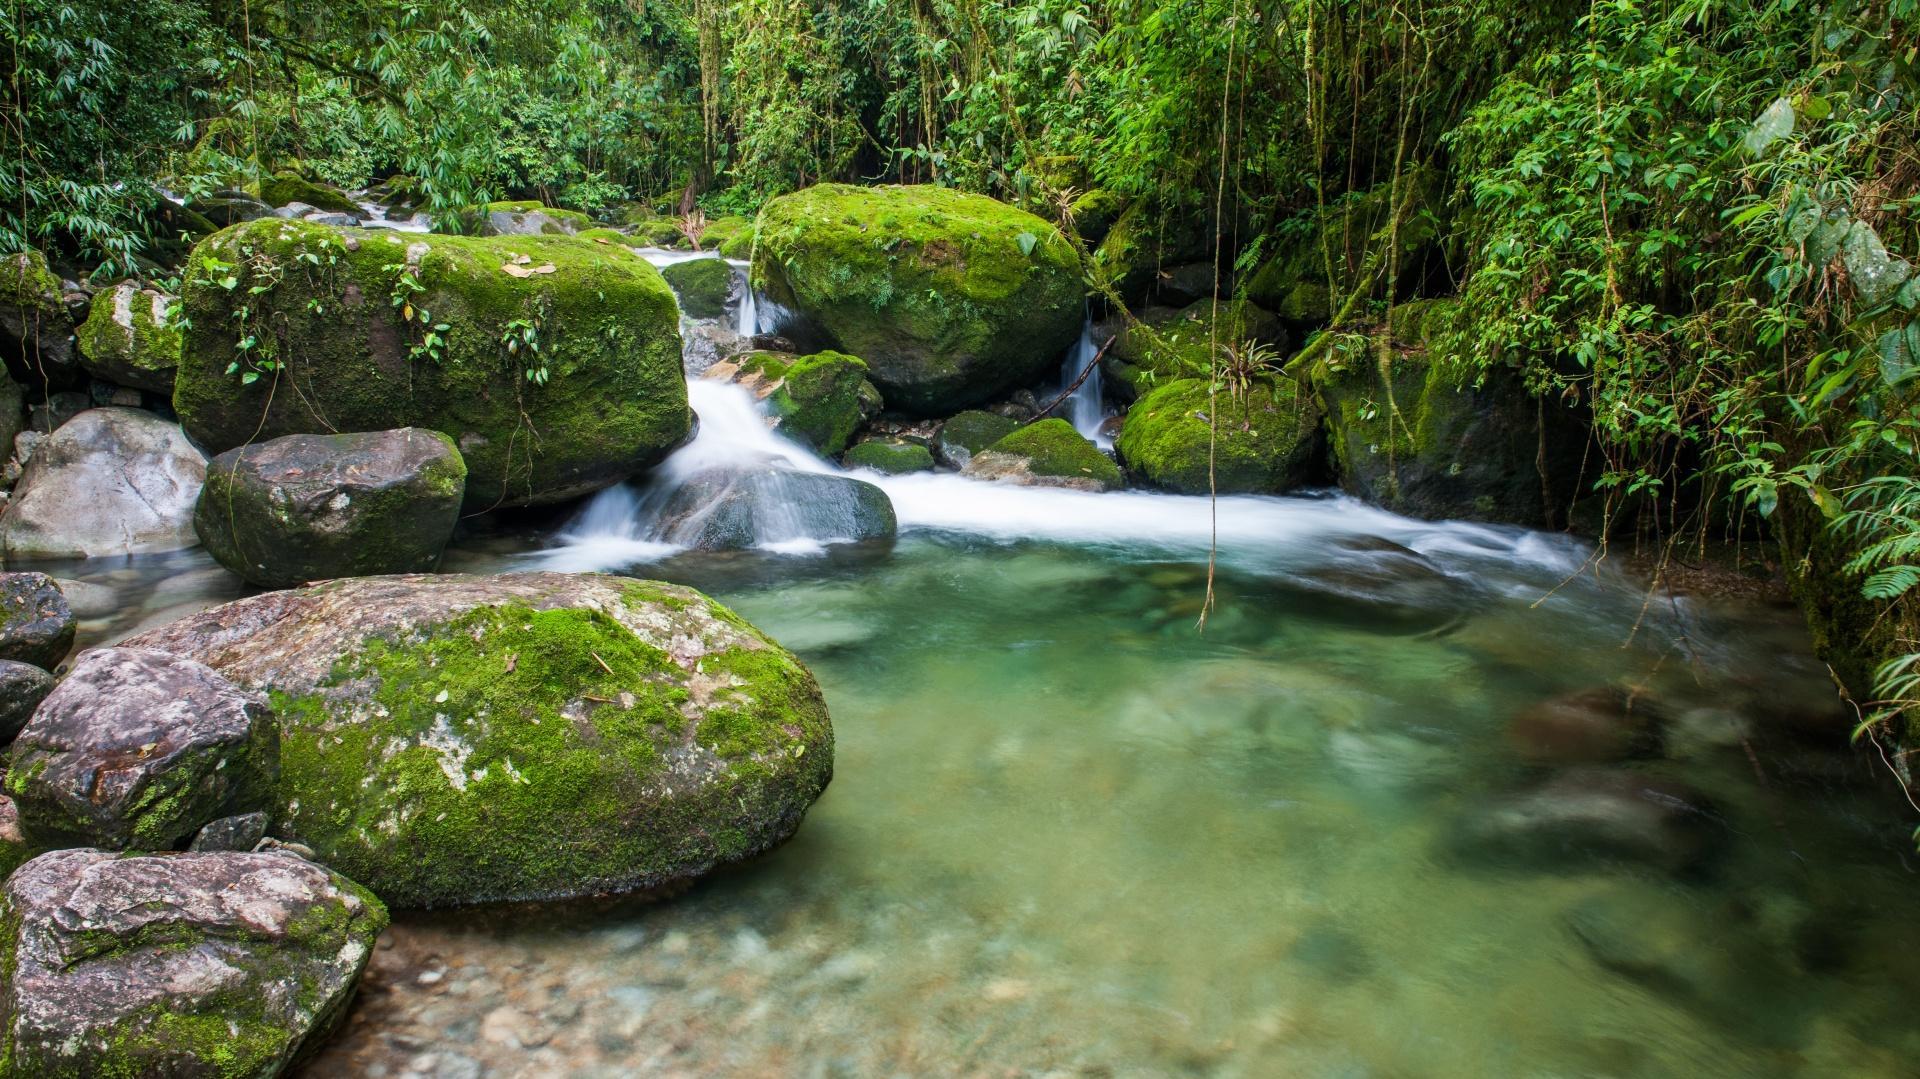 Kleiner Wasserfall im Atlantischen Regewald bei Rio de Janeiro